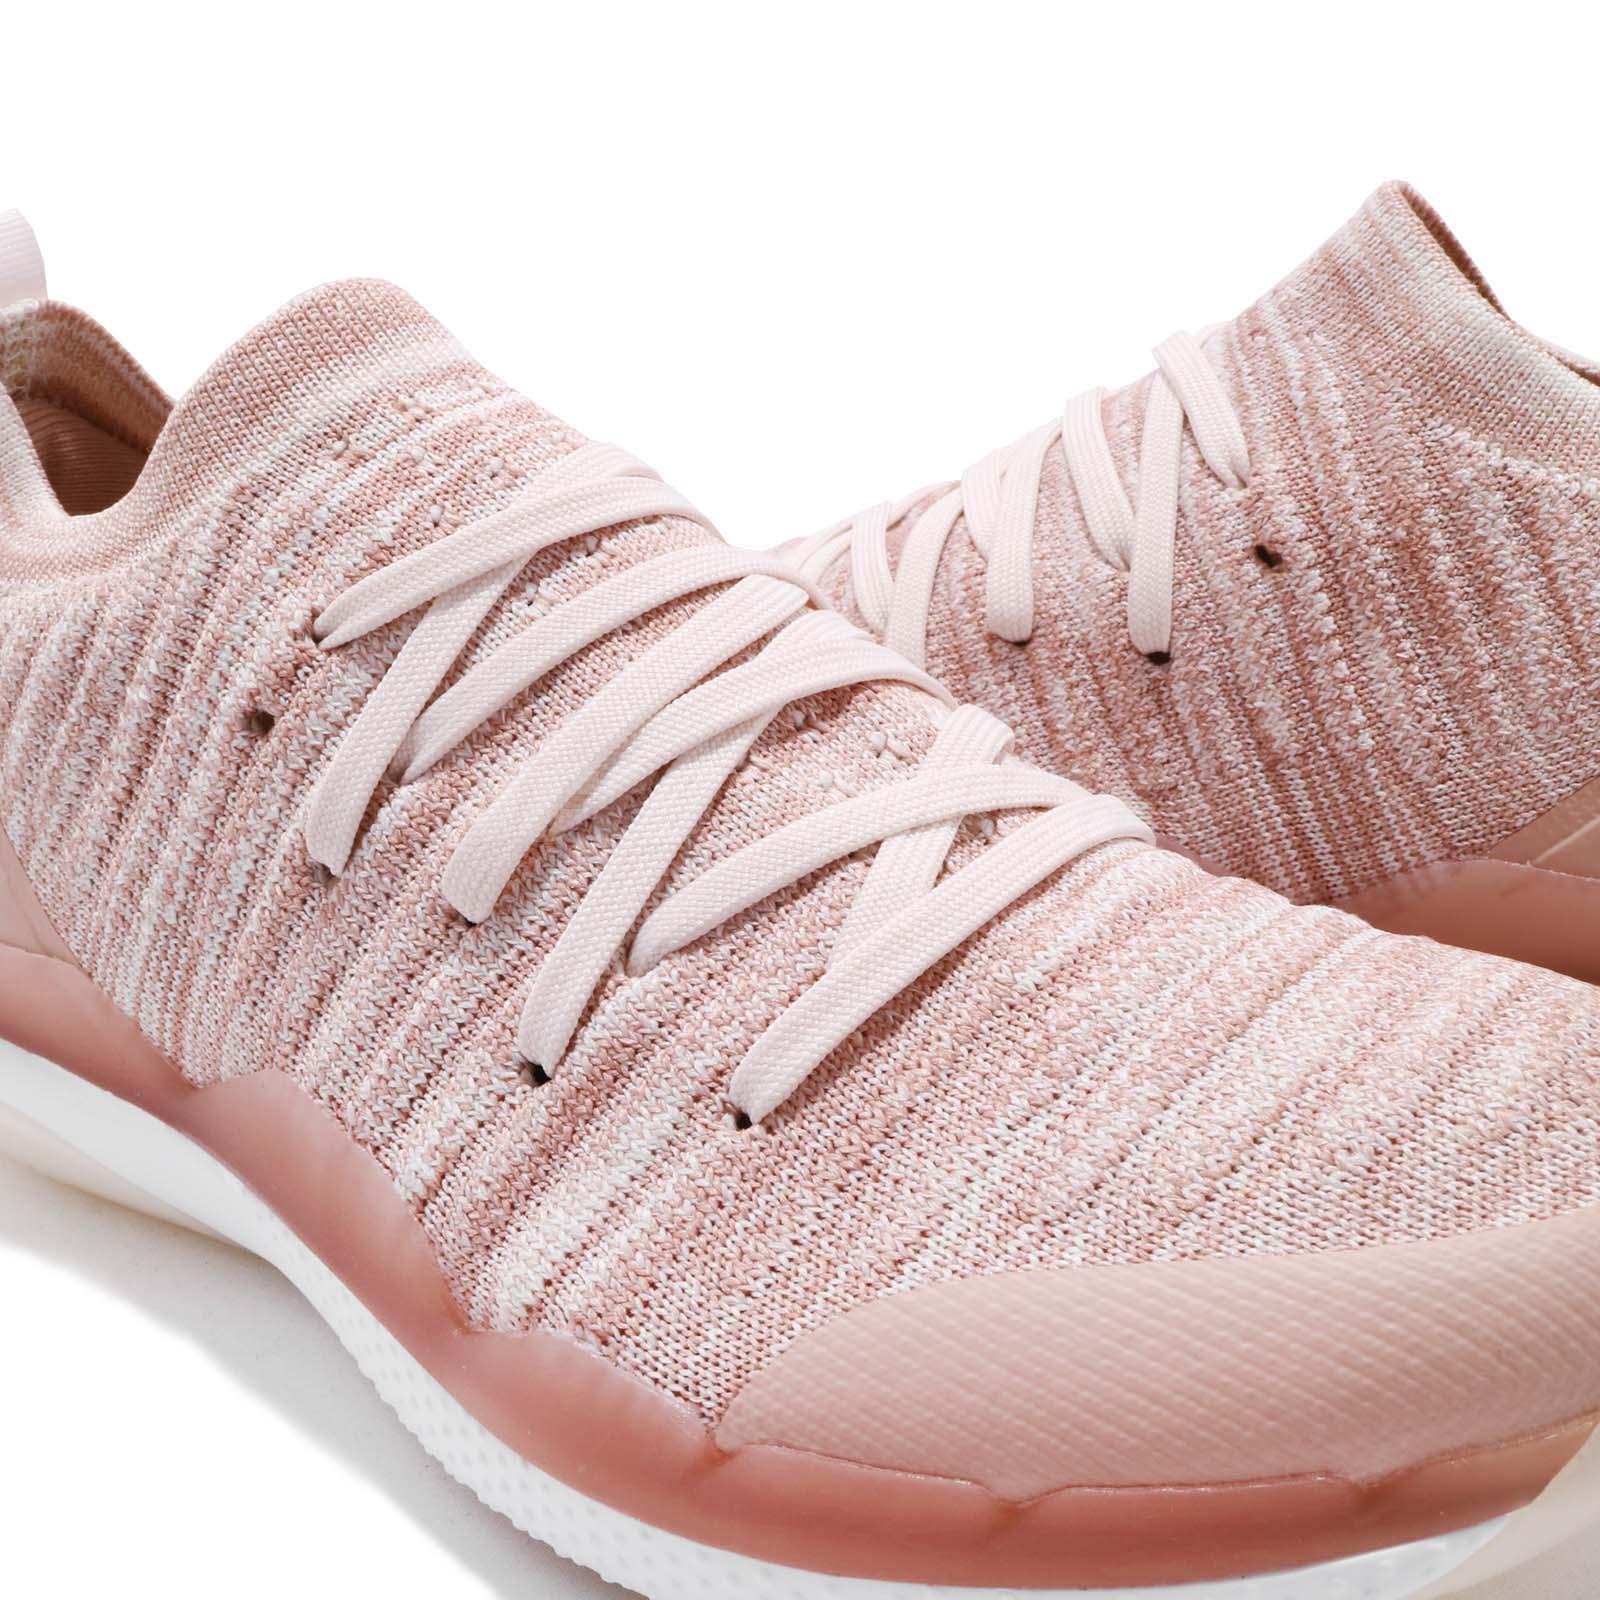 816f8315009 Reebok Ultra Circuit TR ULTK LM Ultraknit Chalk Pale Pink Women ...